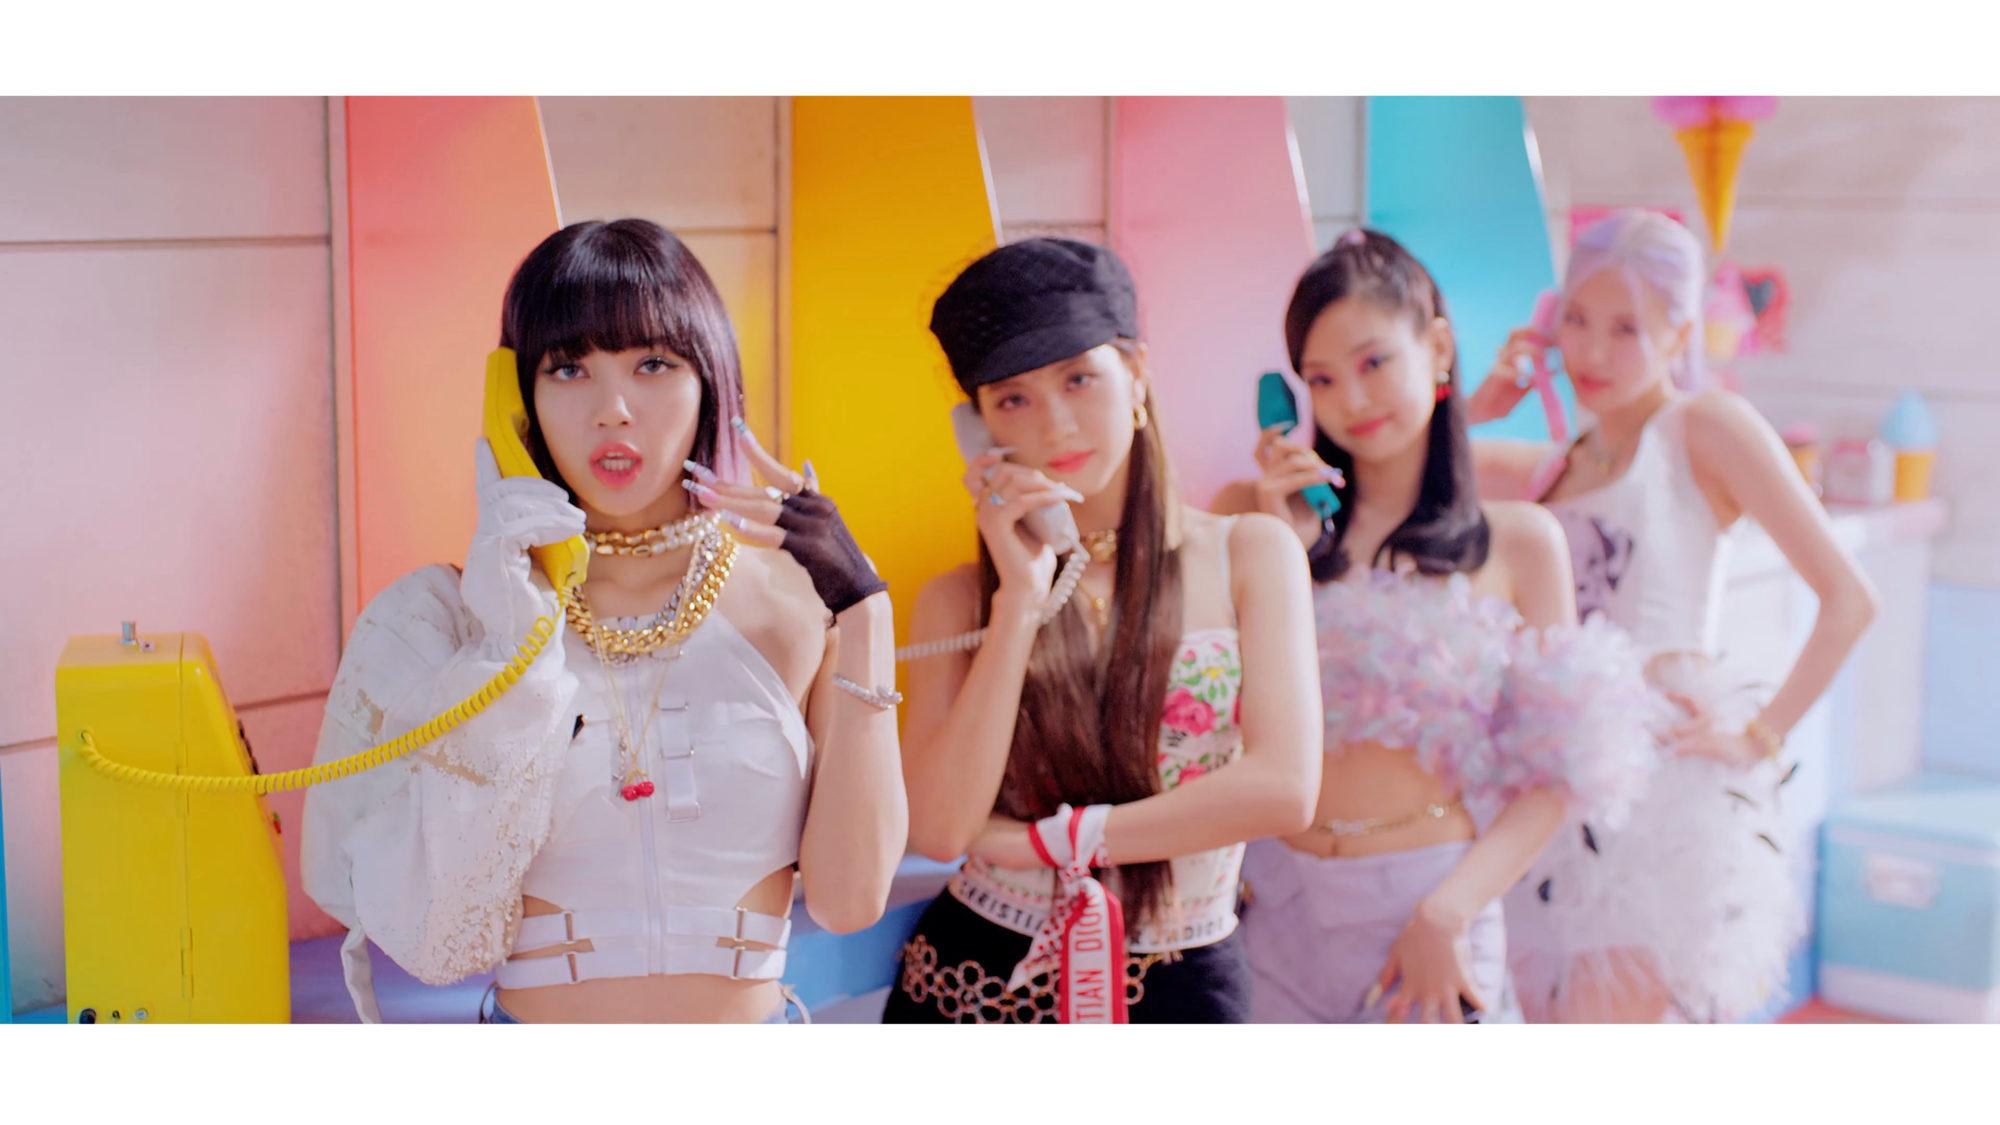 Blackpink The Album Leaked Tracklist K Pop Database Dbkpop Com